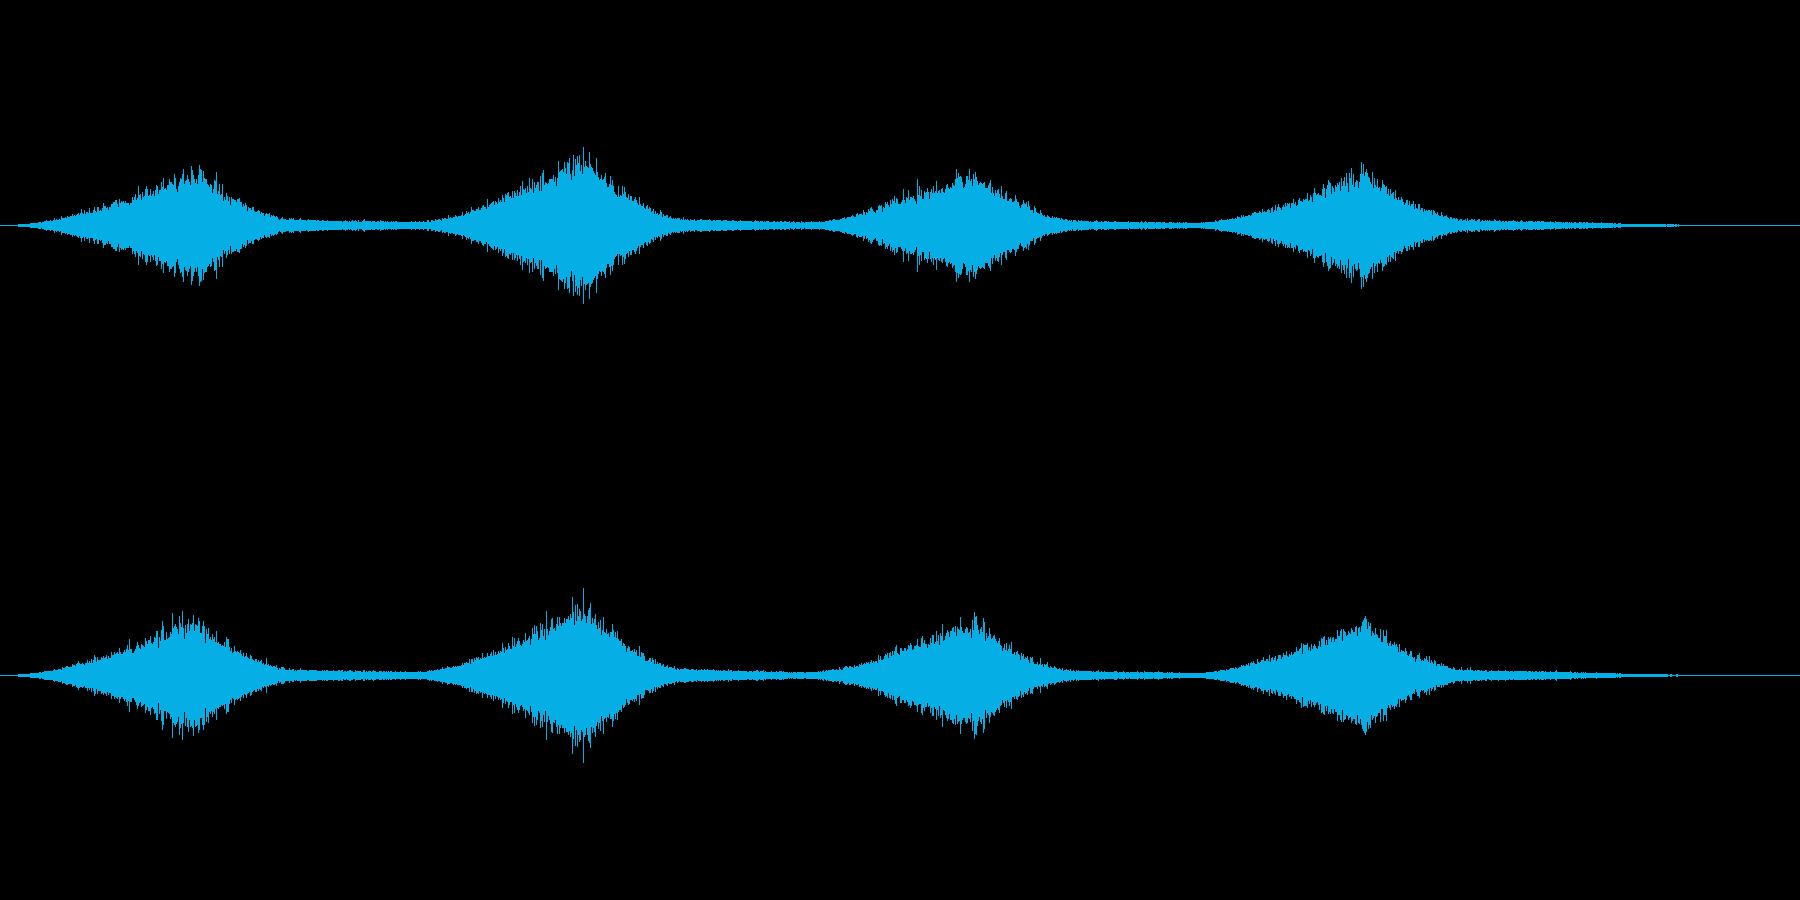 海のせせらぎの音(ザーン)の再生済みの波形